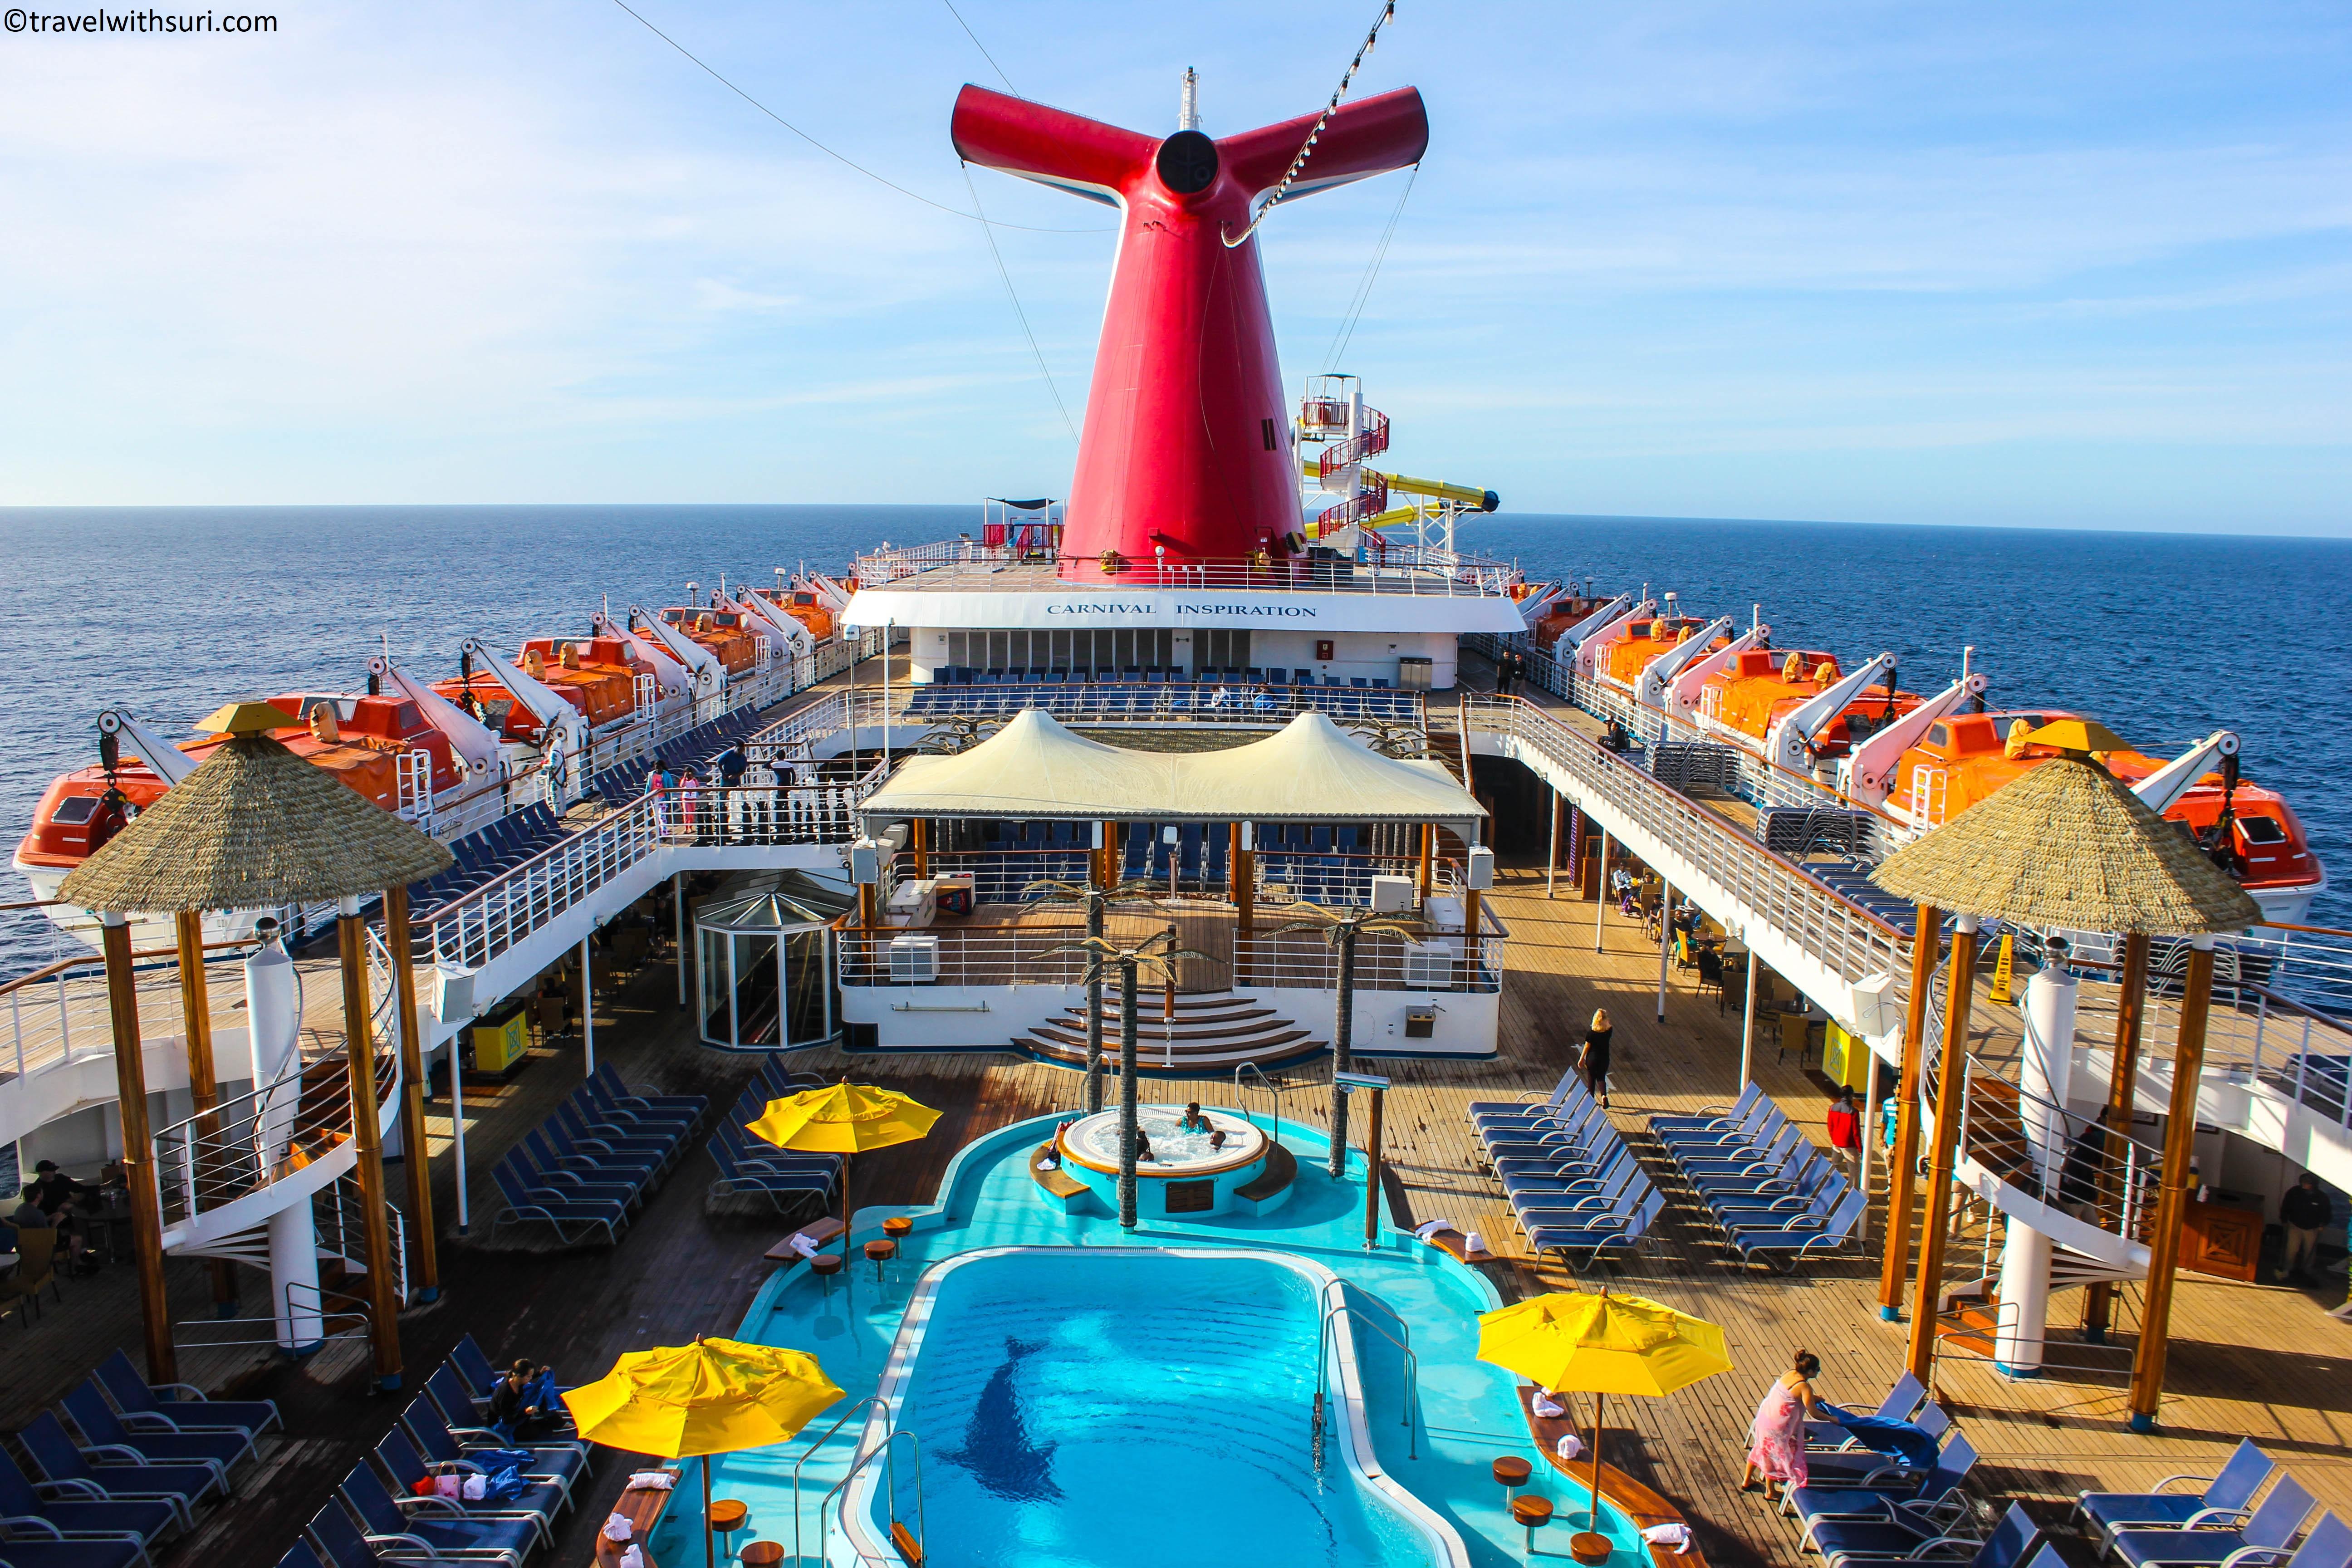 Carnival Cruise To Ensenada Mexico Travel With Suresh - Cruise to ensenada